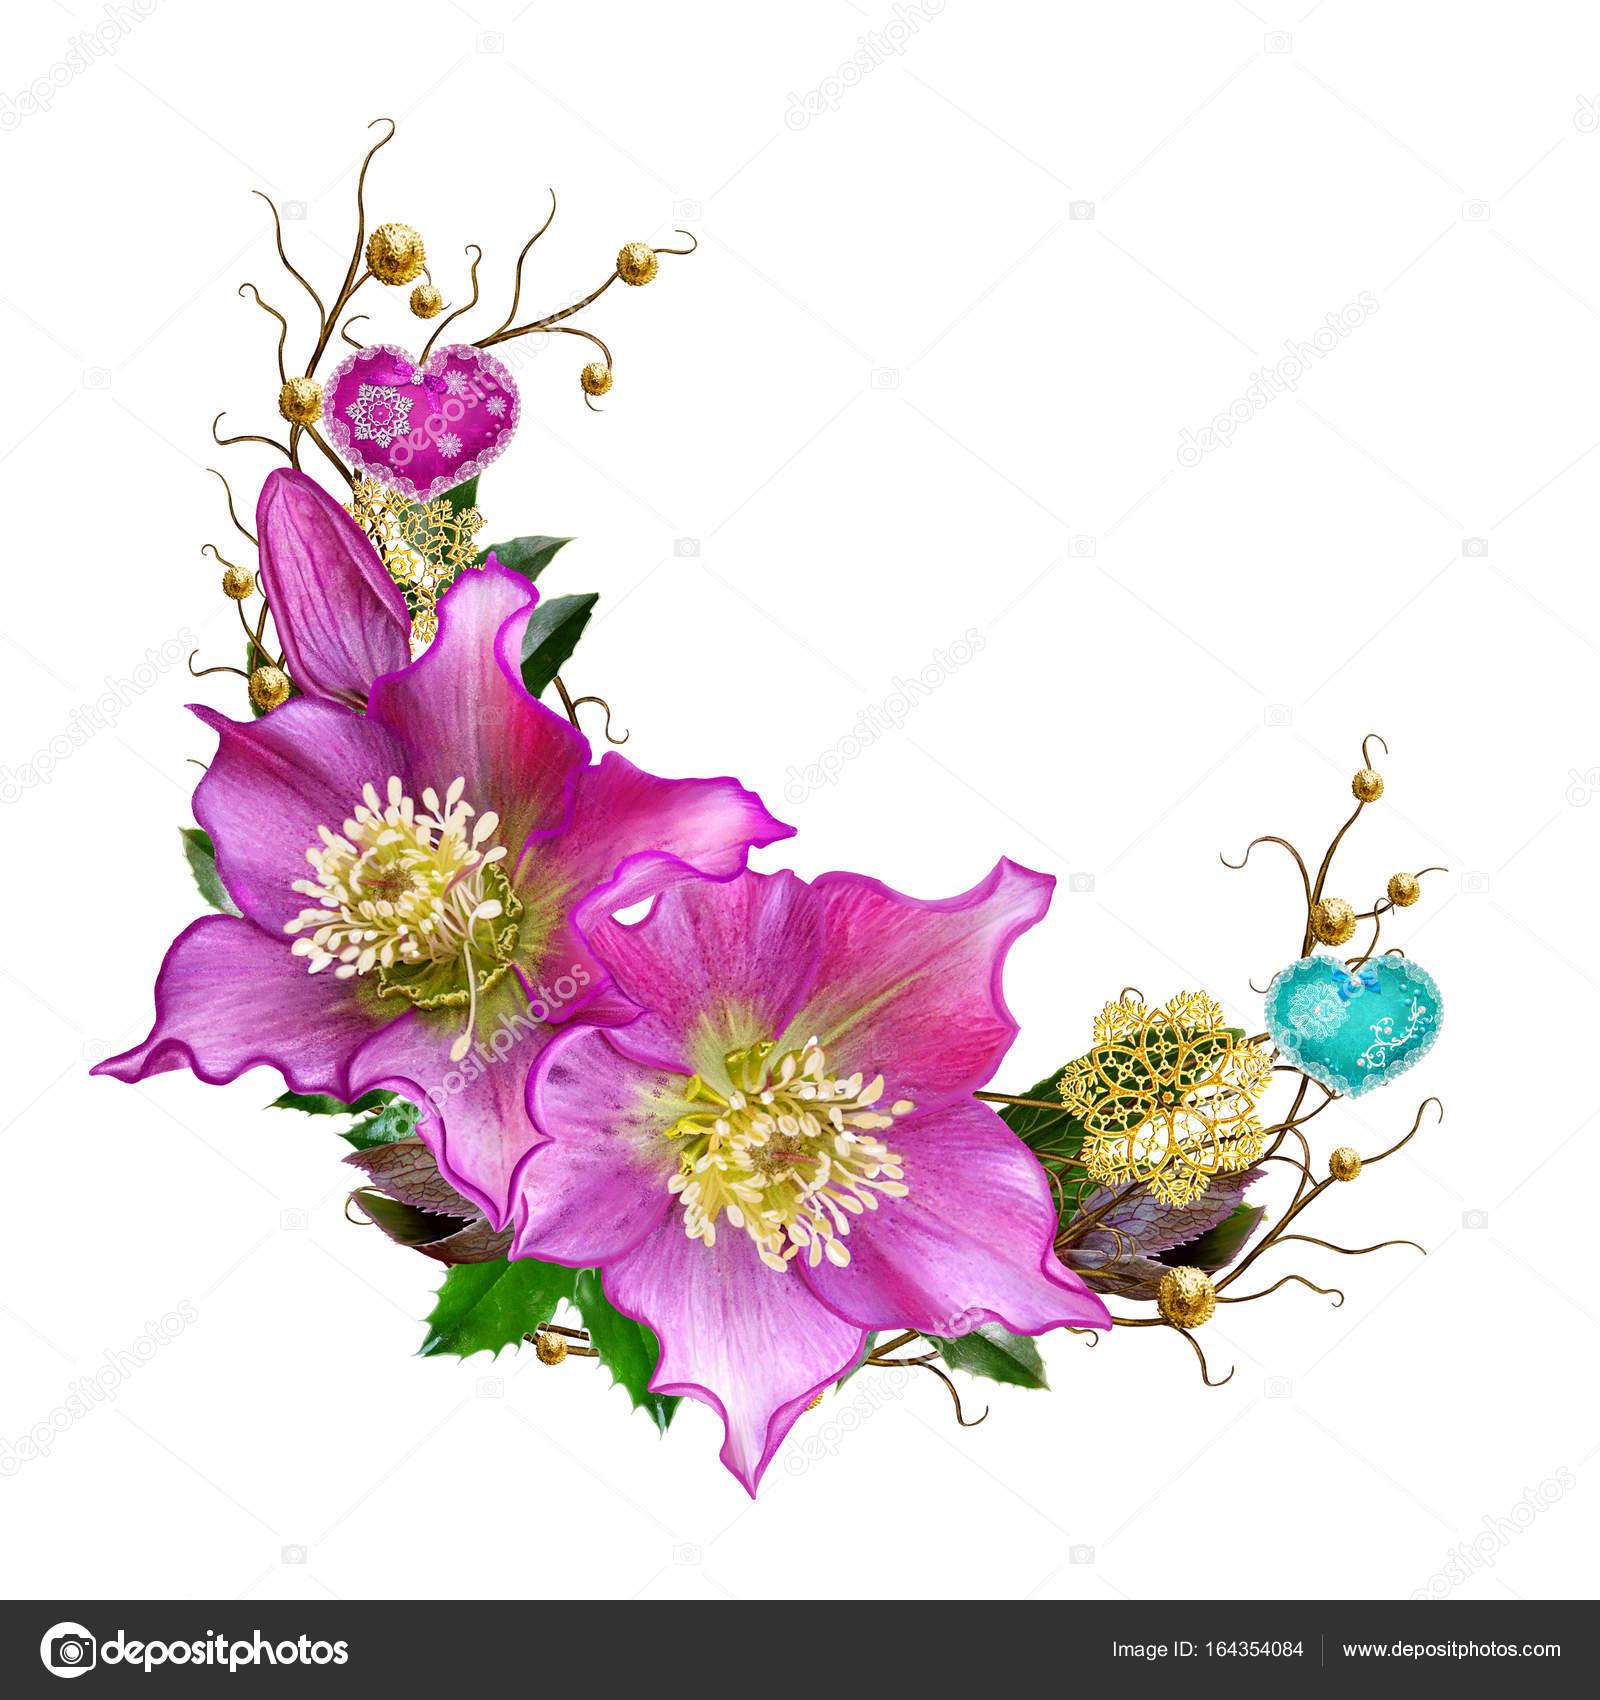 Guirnalda flor de elboro de invierno flores decorado con adornos